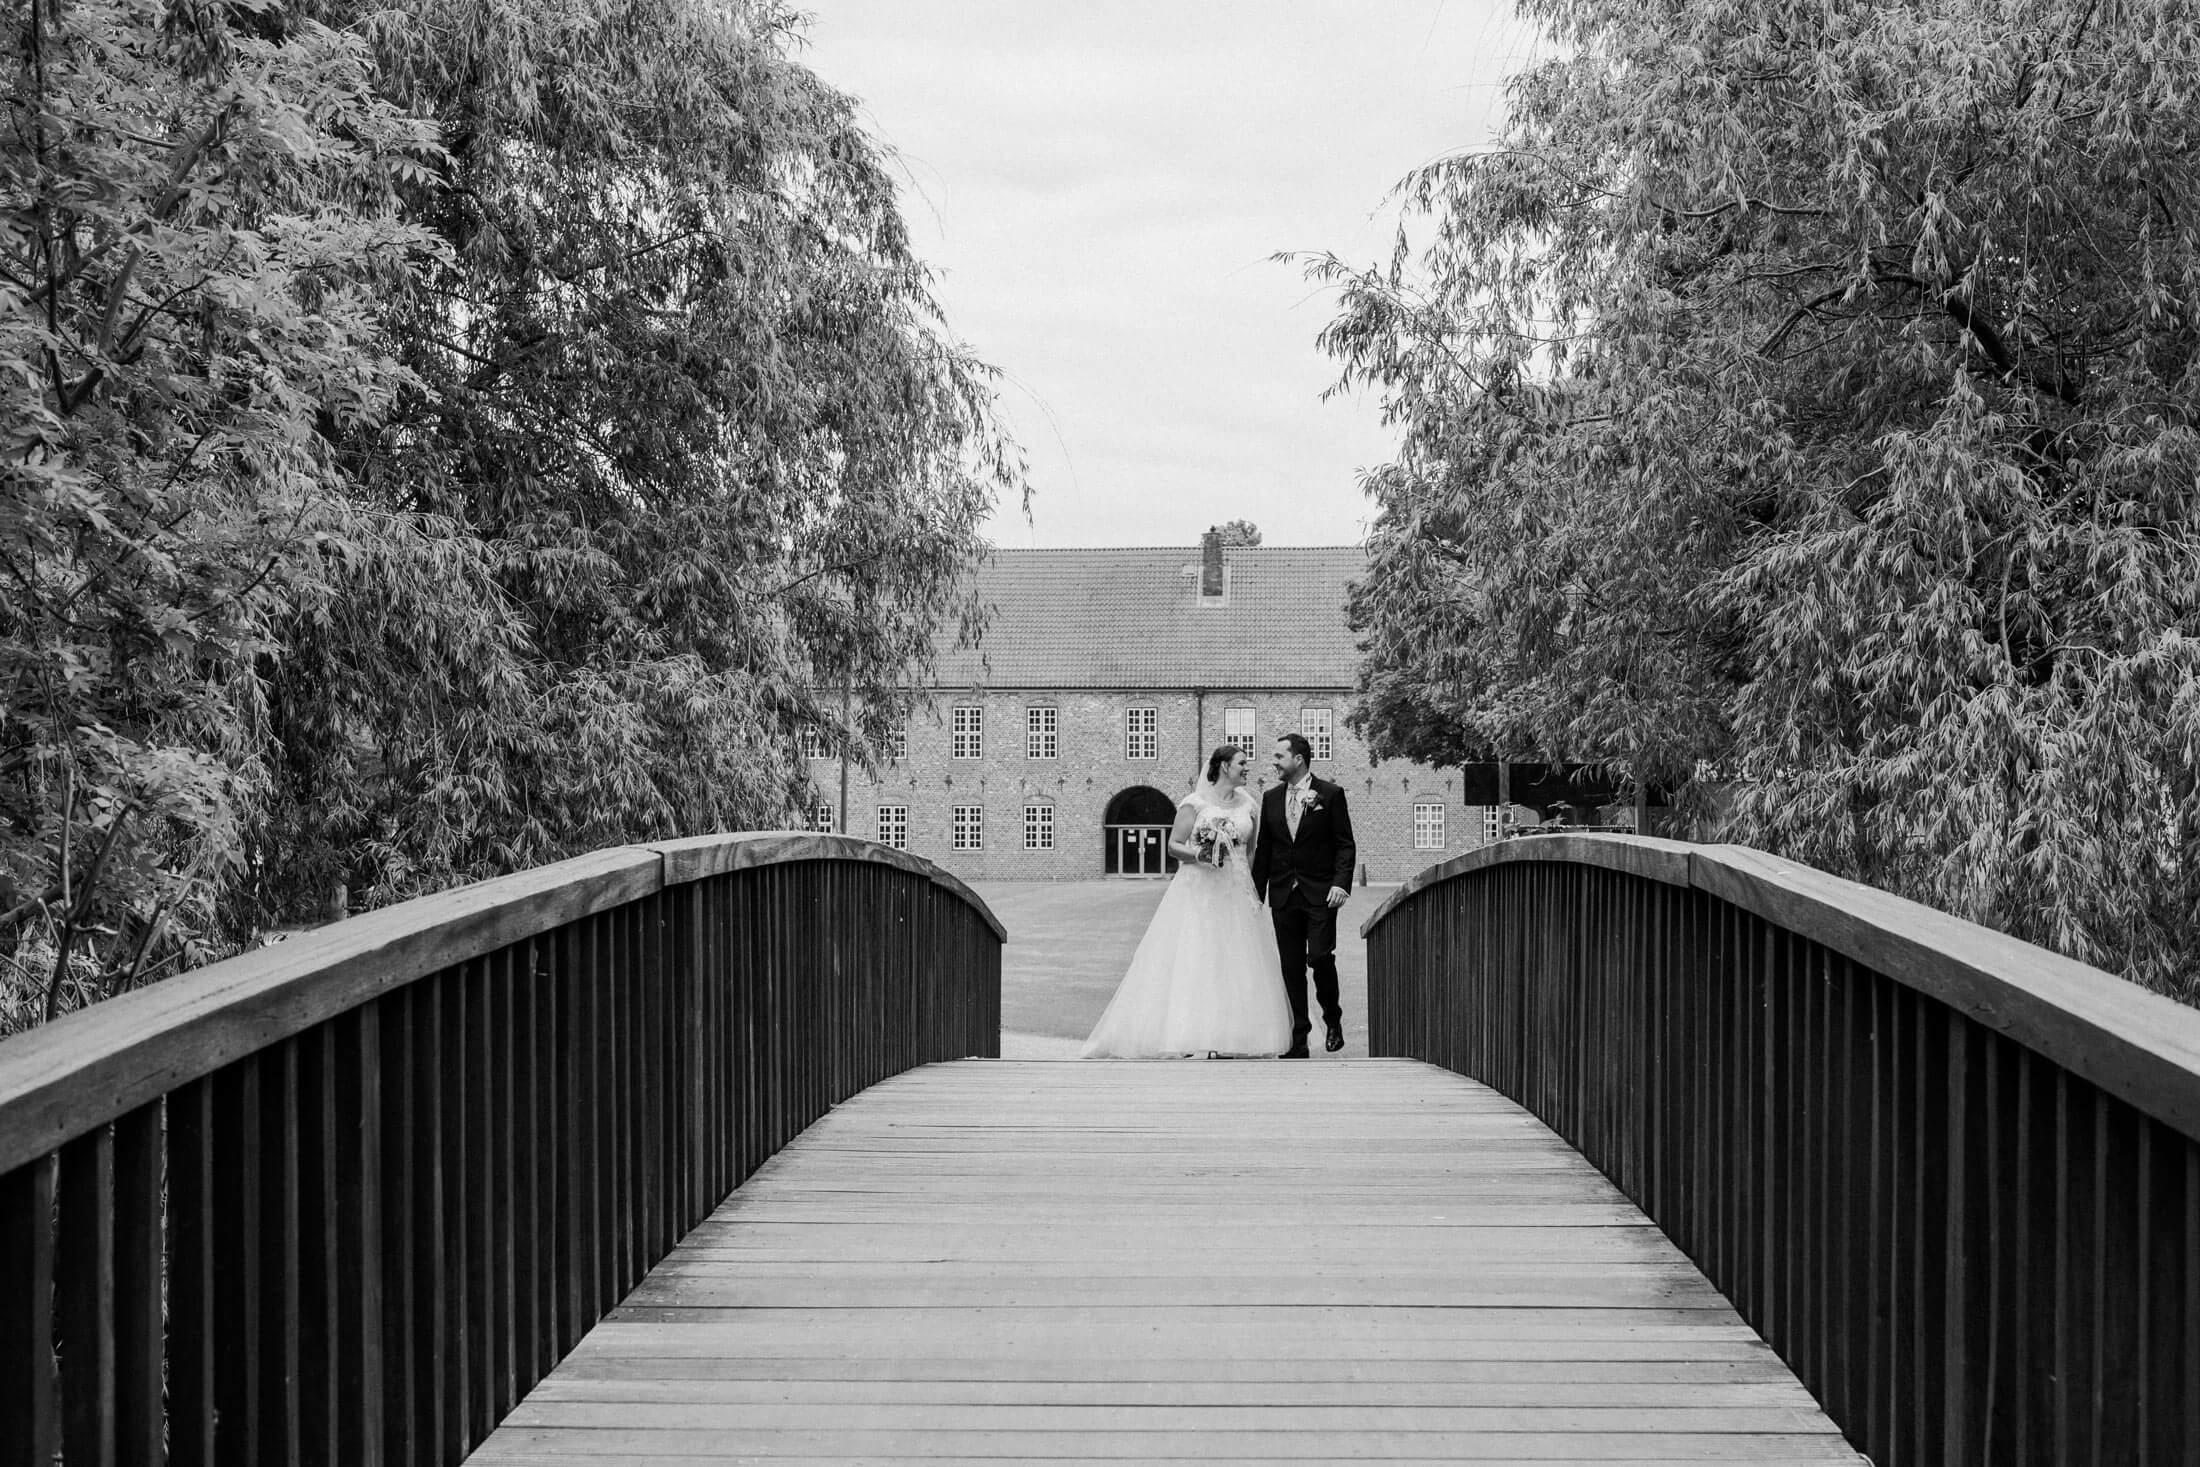 Paarshooting, Hochzeitsfotografie, Brautpaar auf Brücke, Landhochzeit